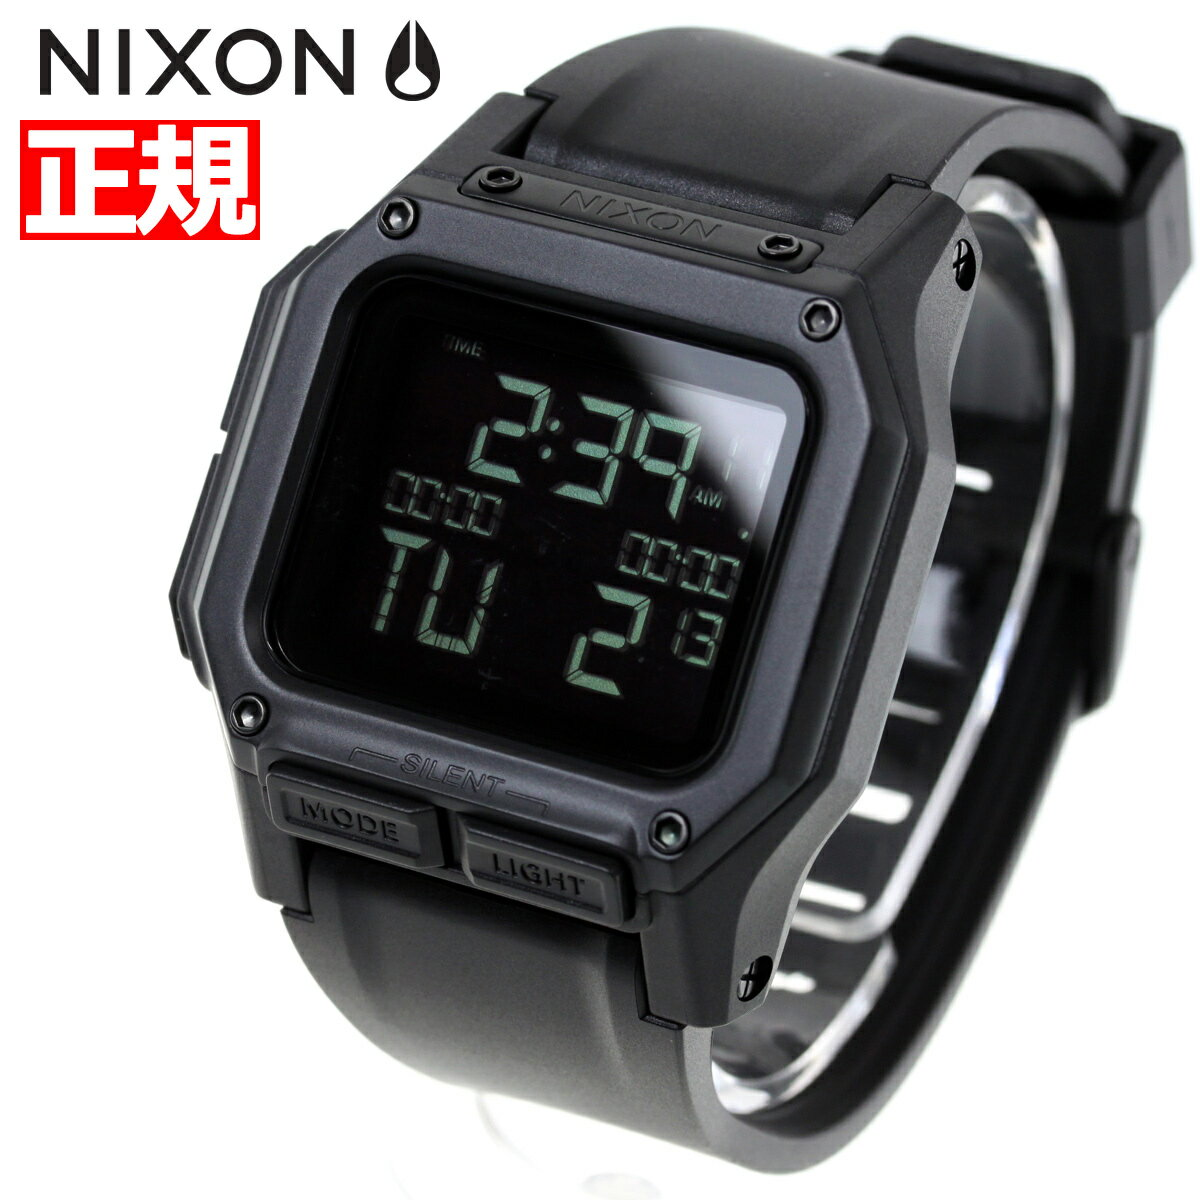 ニクソン NIXON レグルス REGULUS 腕時計 メンズ ALL BLACK NA1180001-00【2018 新作】【あす楽対応】【即納可】